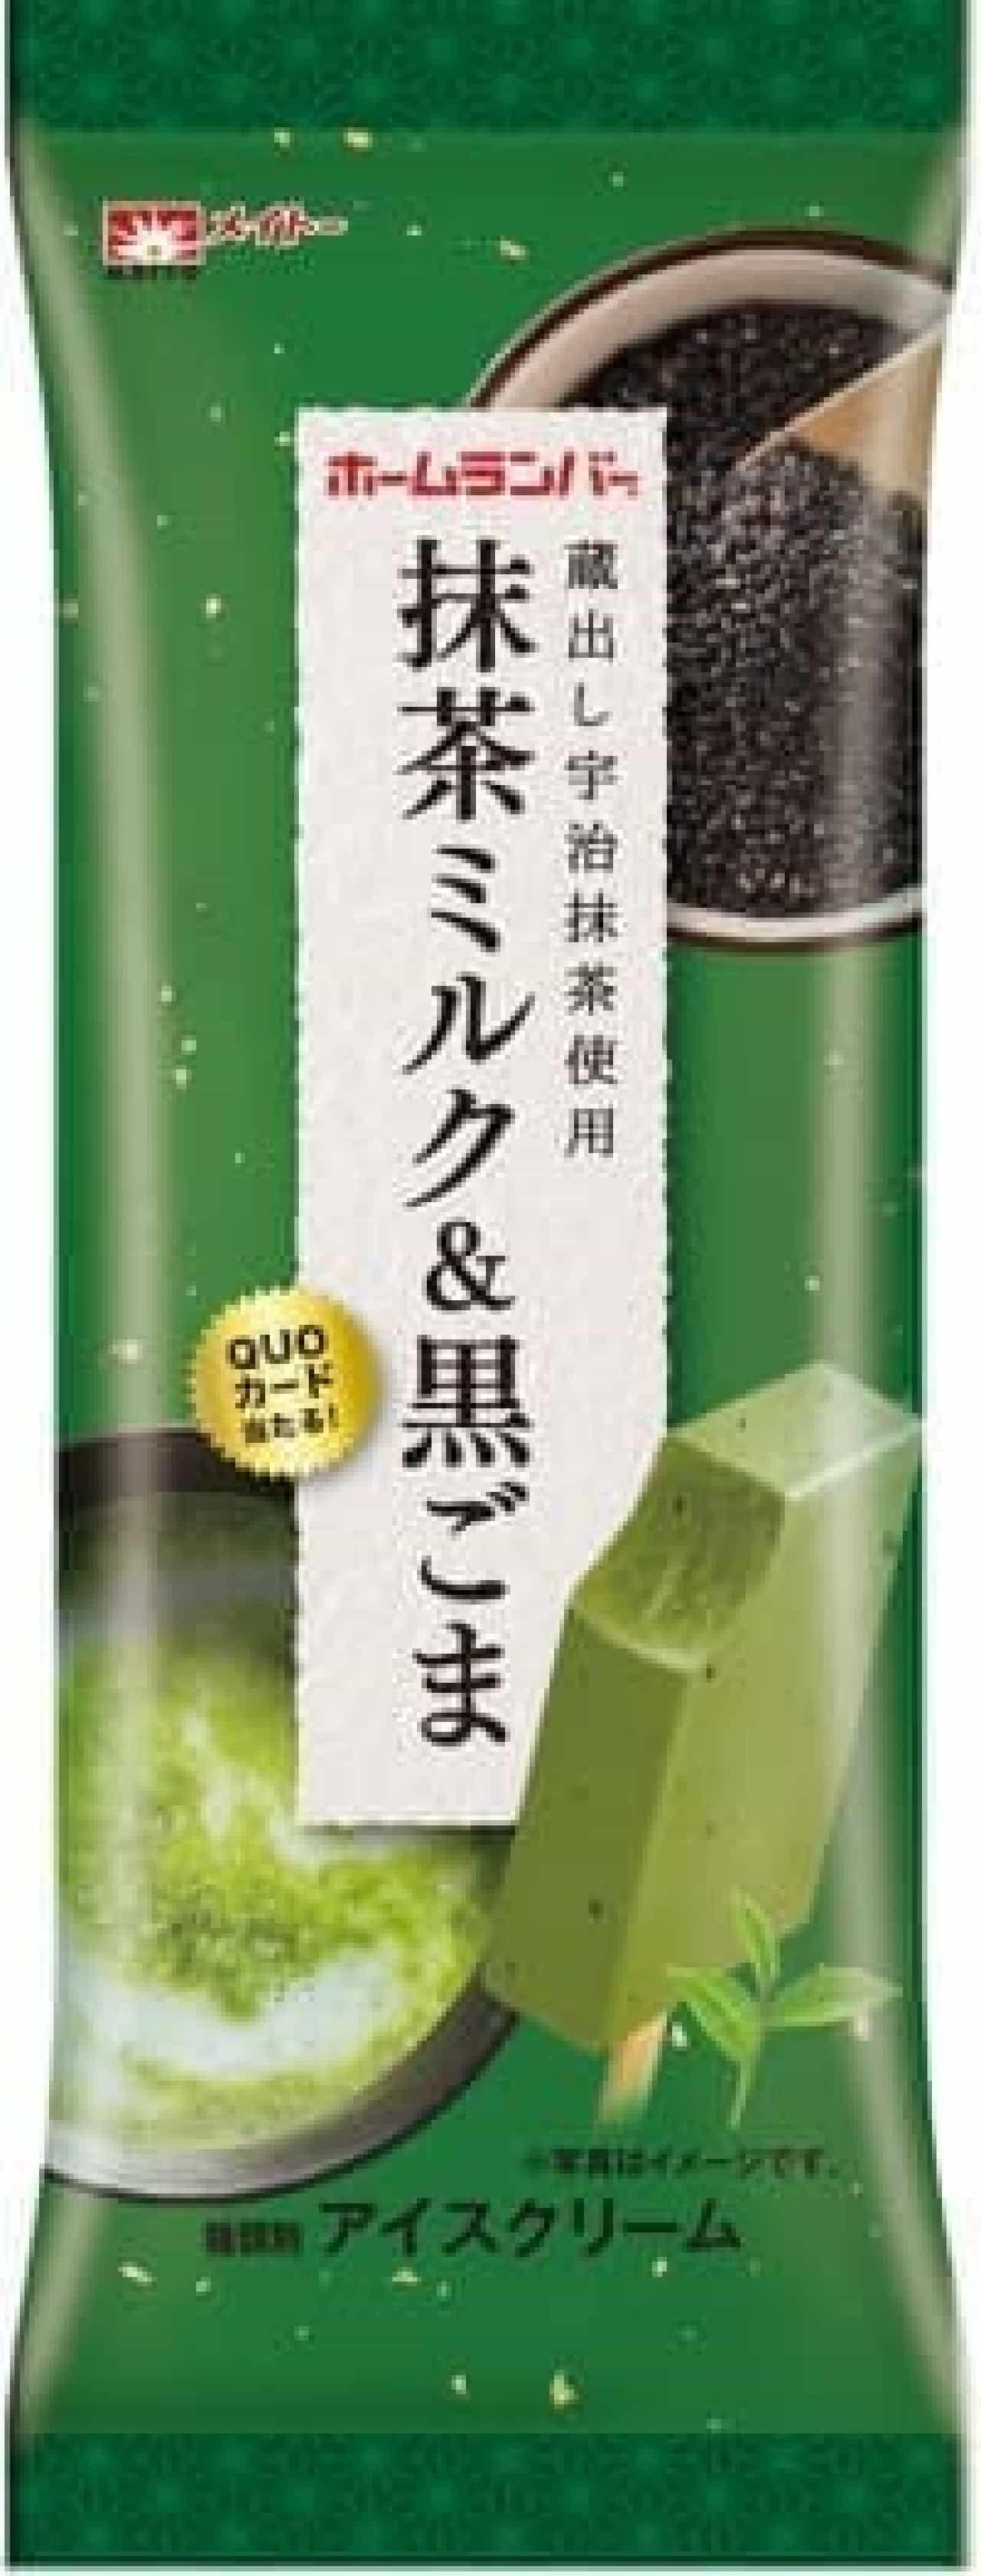 協同乳業「ホームランバー 抹茶ミルク&黒ごま」